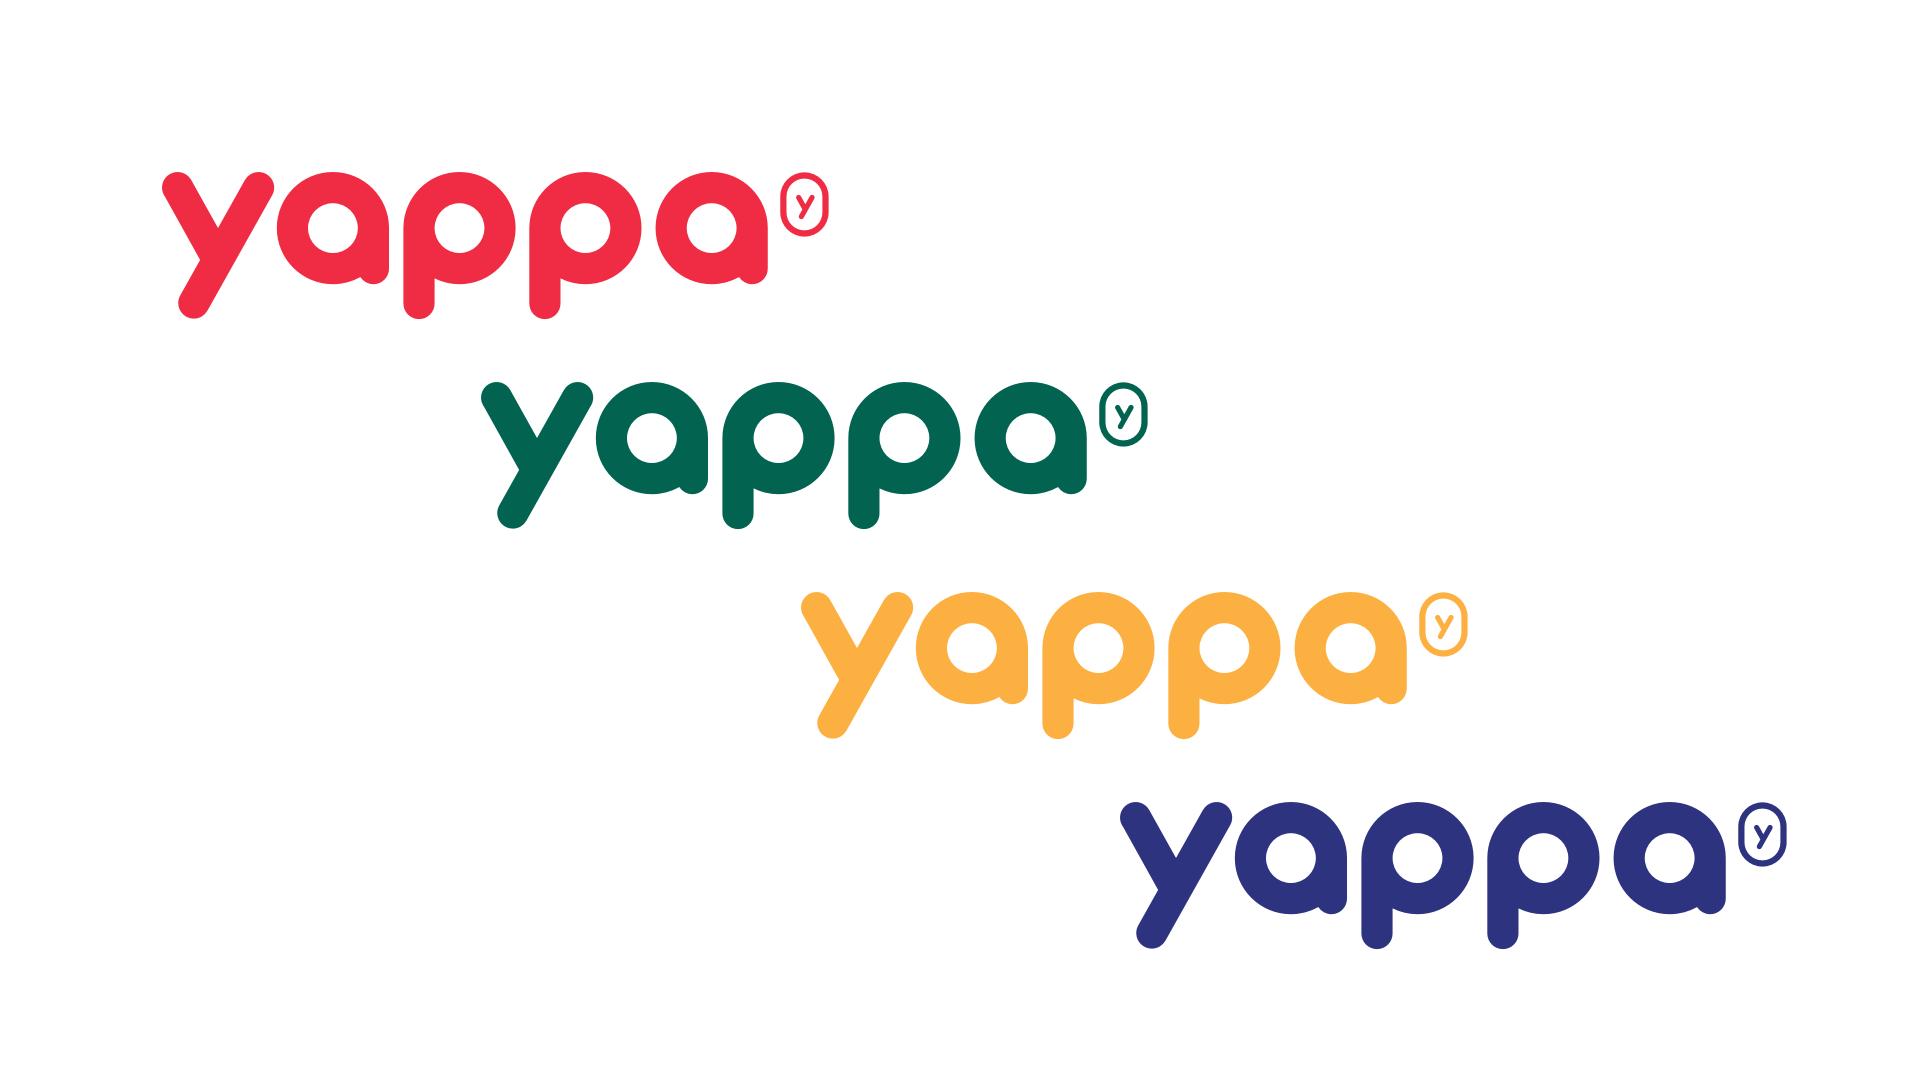 Yappa kleuren huisstijl